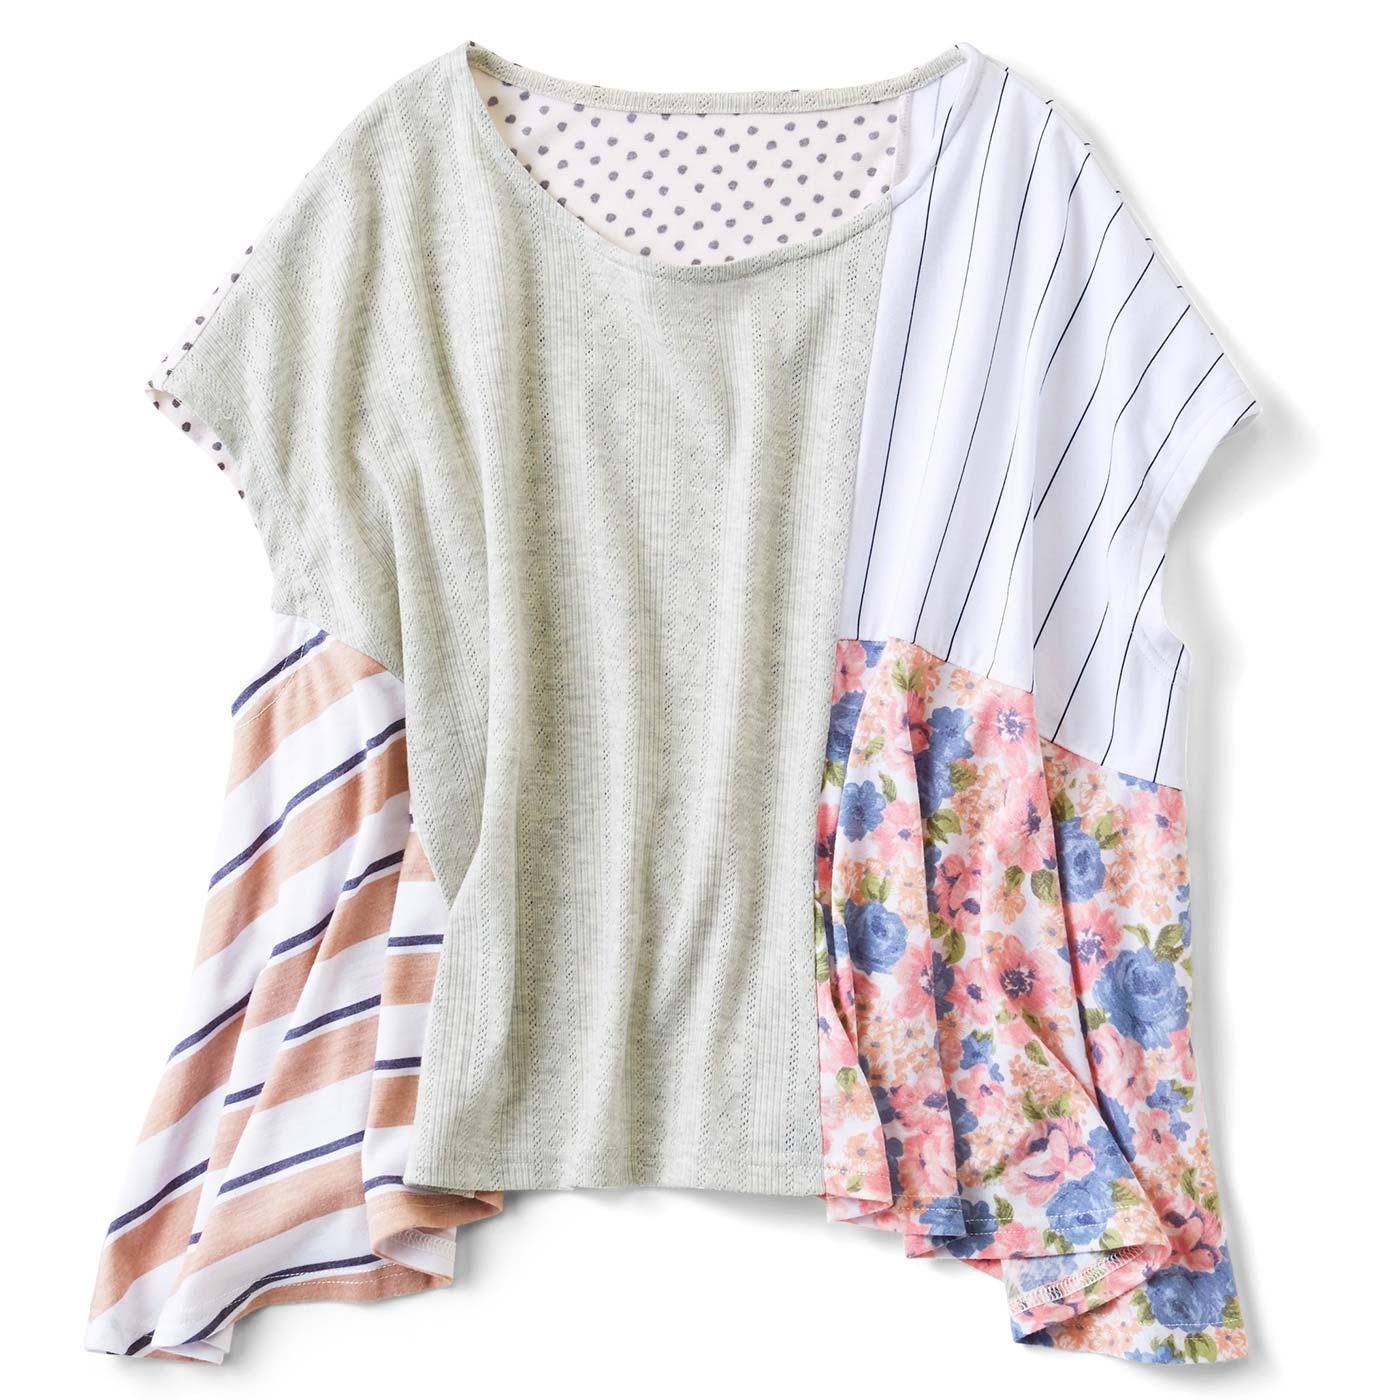 ひらりんパッチワークTシャツ〈ガーリー系〉